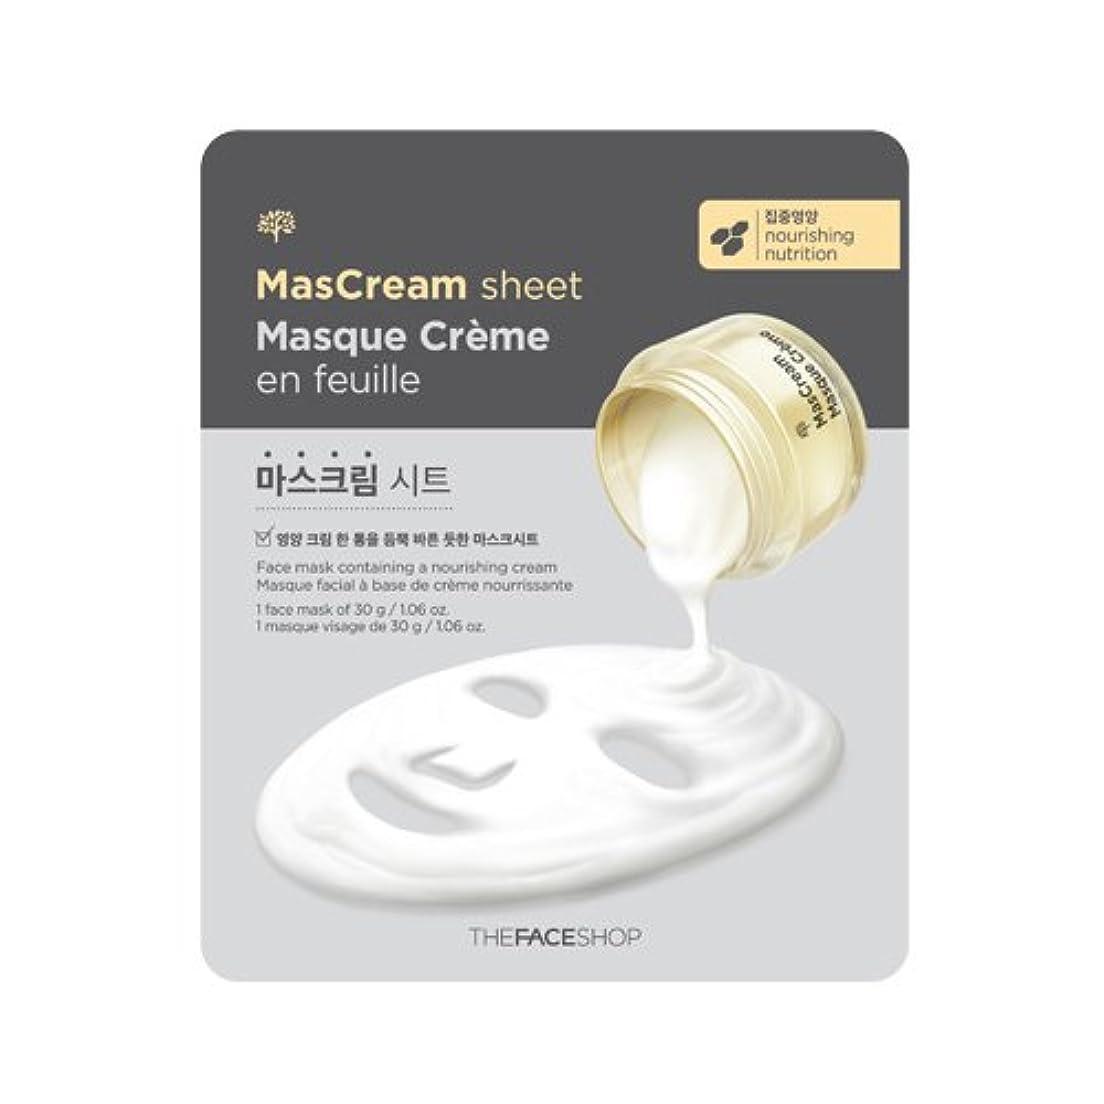 ザフェイスショップ [THE FACE SHOP] MASCREAM SHEET x 2sheets マスクリームパック 2枚 (栄養 / NOURISHING) [並行輸入品]